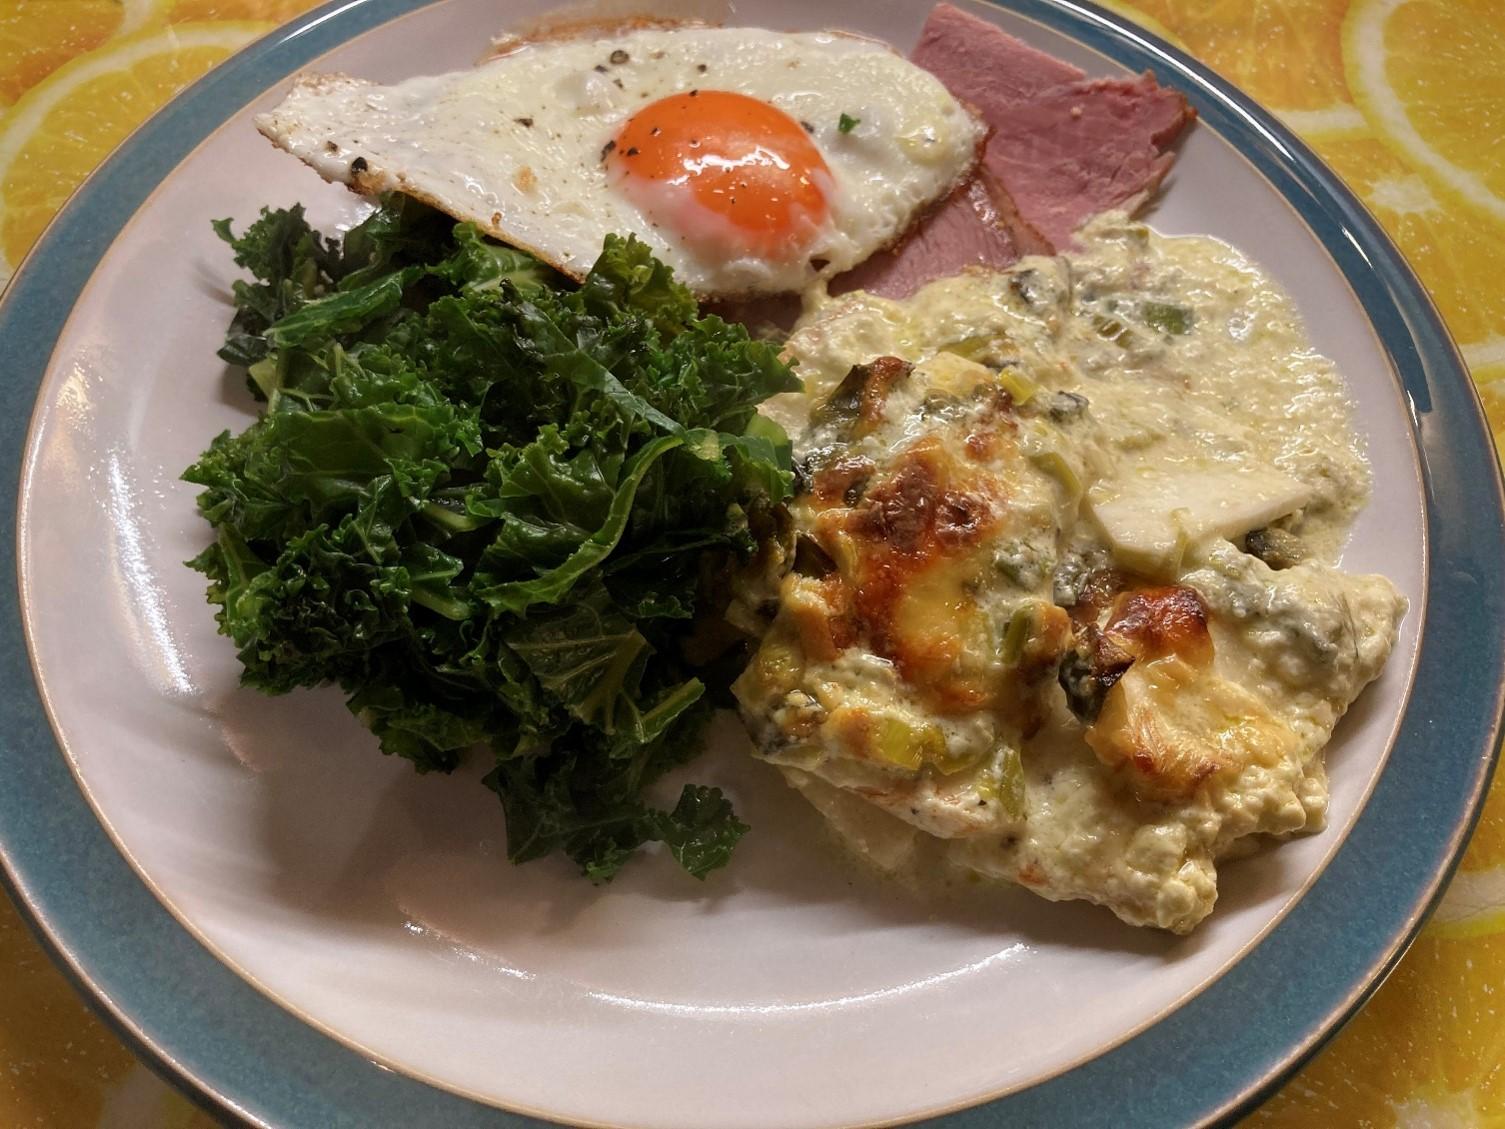 celeriac gratin with ham, fried egg and kale